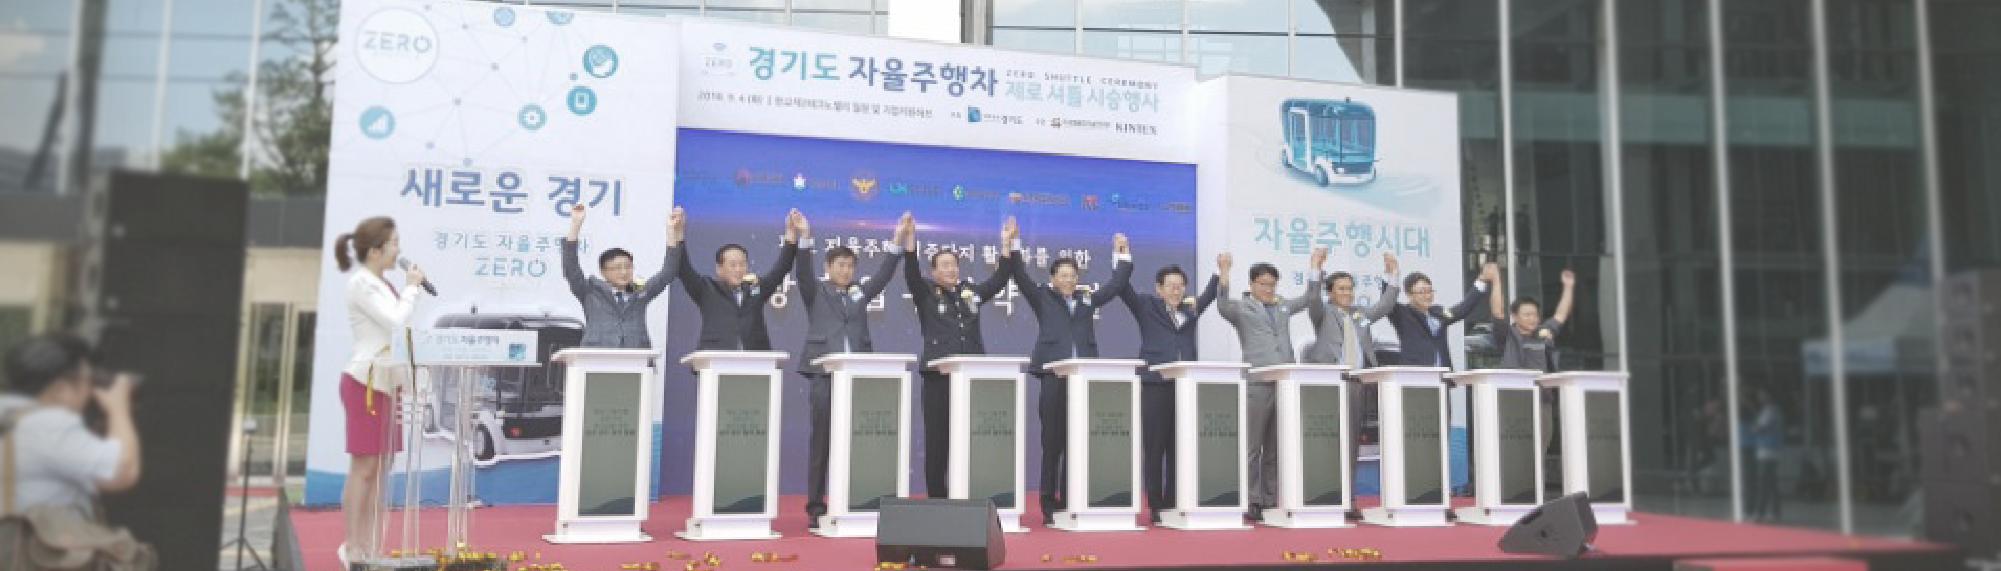 2018 경기도 자율주행차 '제로셔틀' 시승행사